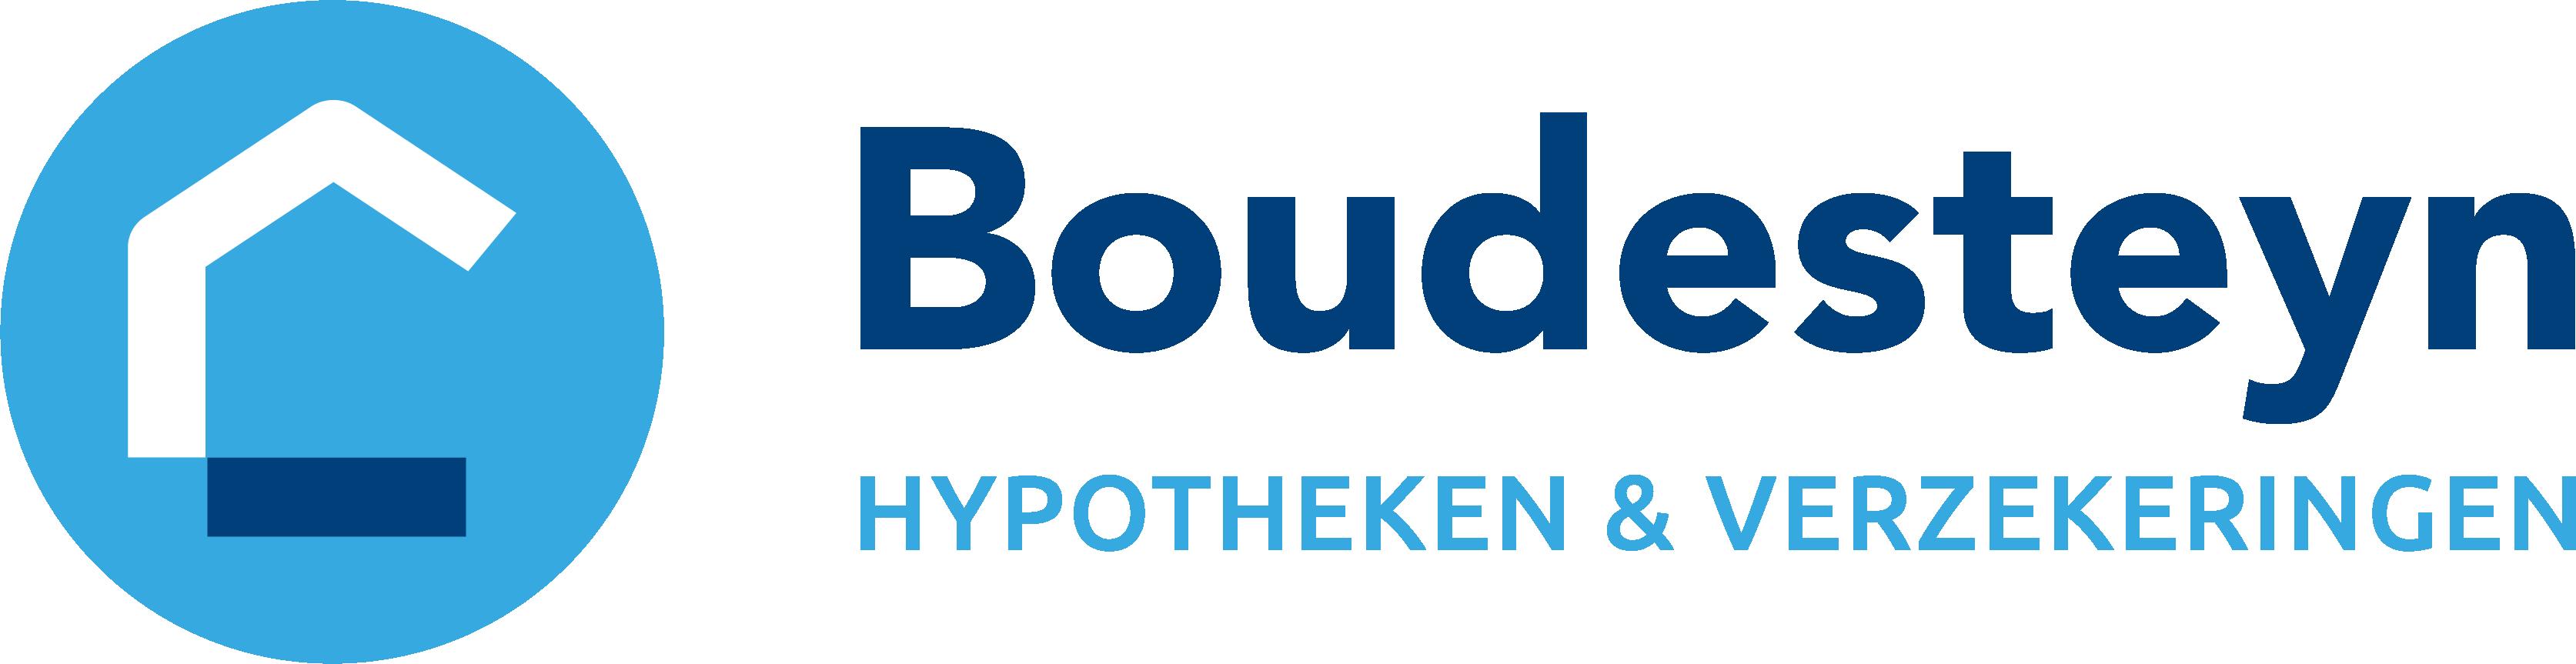 Header afbeelding voor Marcel Boudesteyn officieel gepresenteerd als nieuw algemeen directeur bij PEC Zwolle